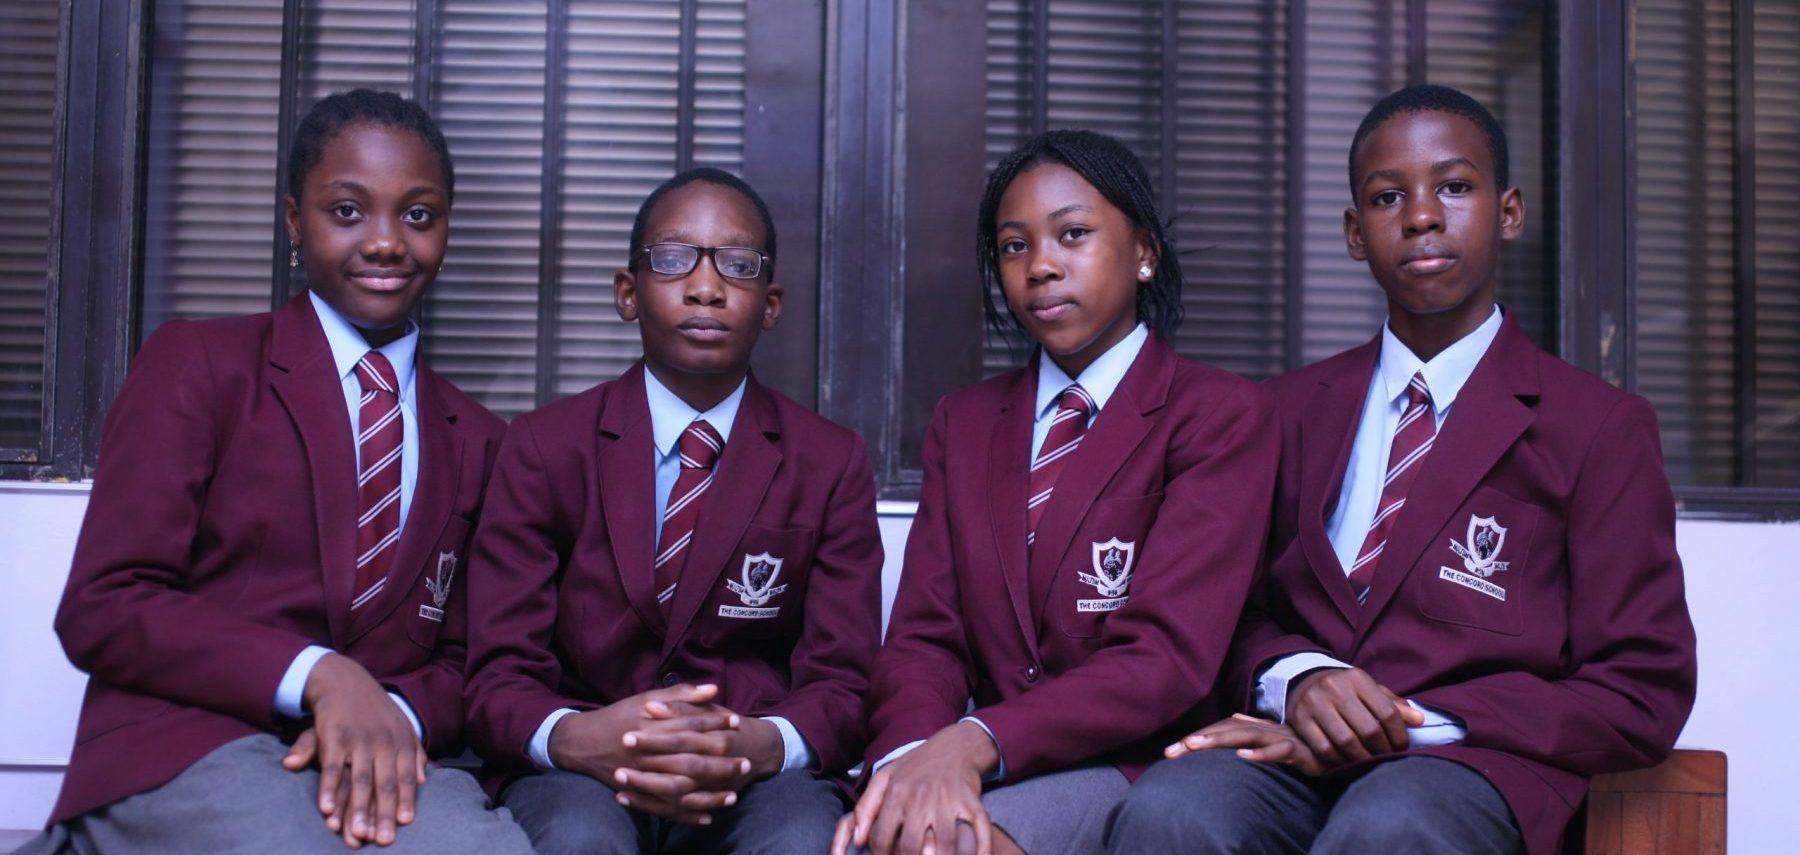 The Concord School